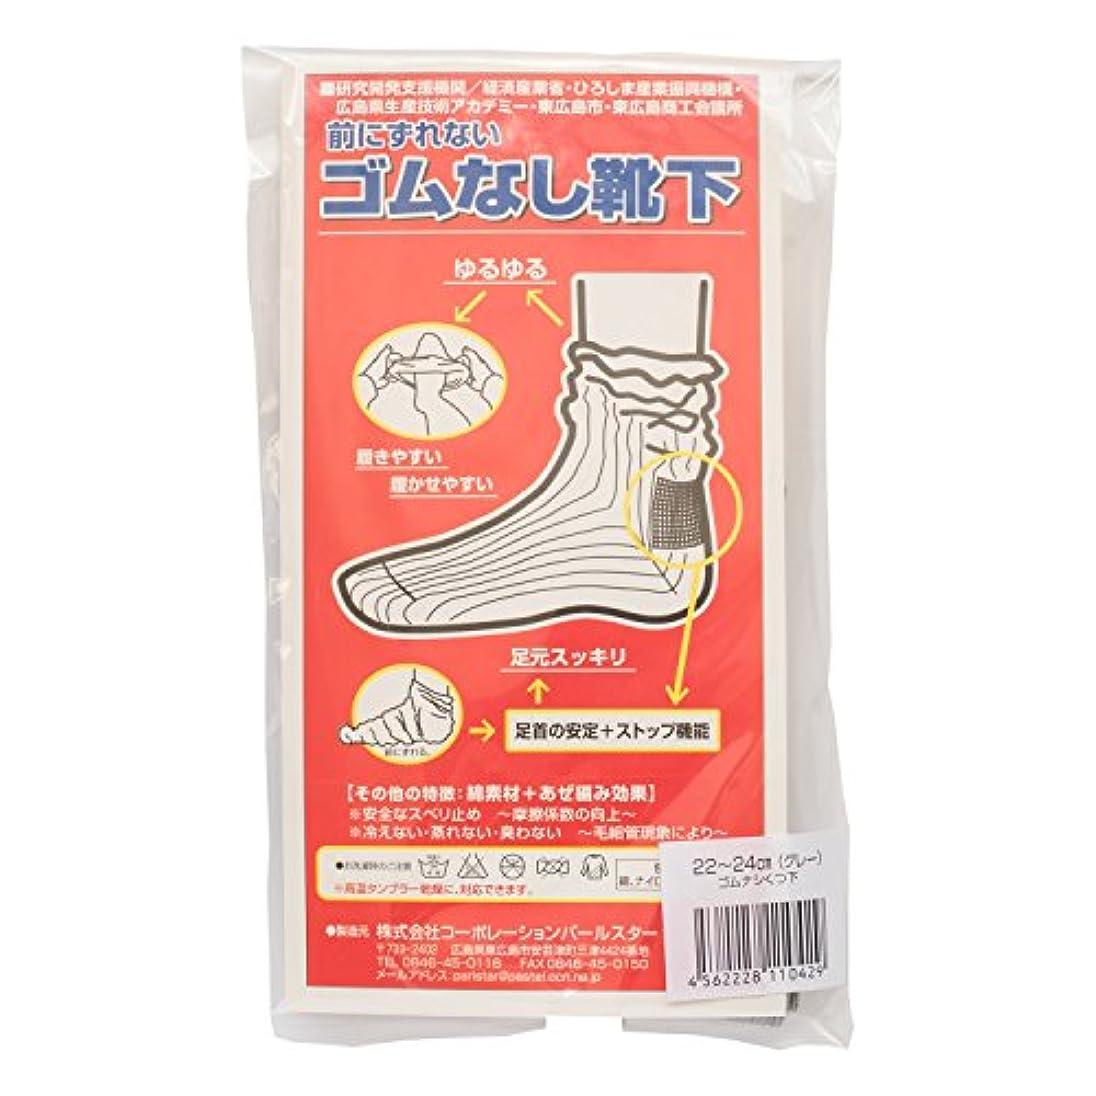 樫の木ゴシップトランザクションコーポレーションパールスター 前にずれない ゴムなし靴下 グレー 22~24cm